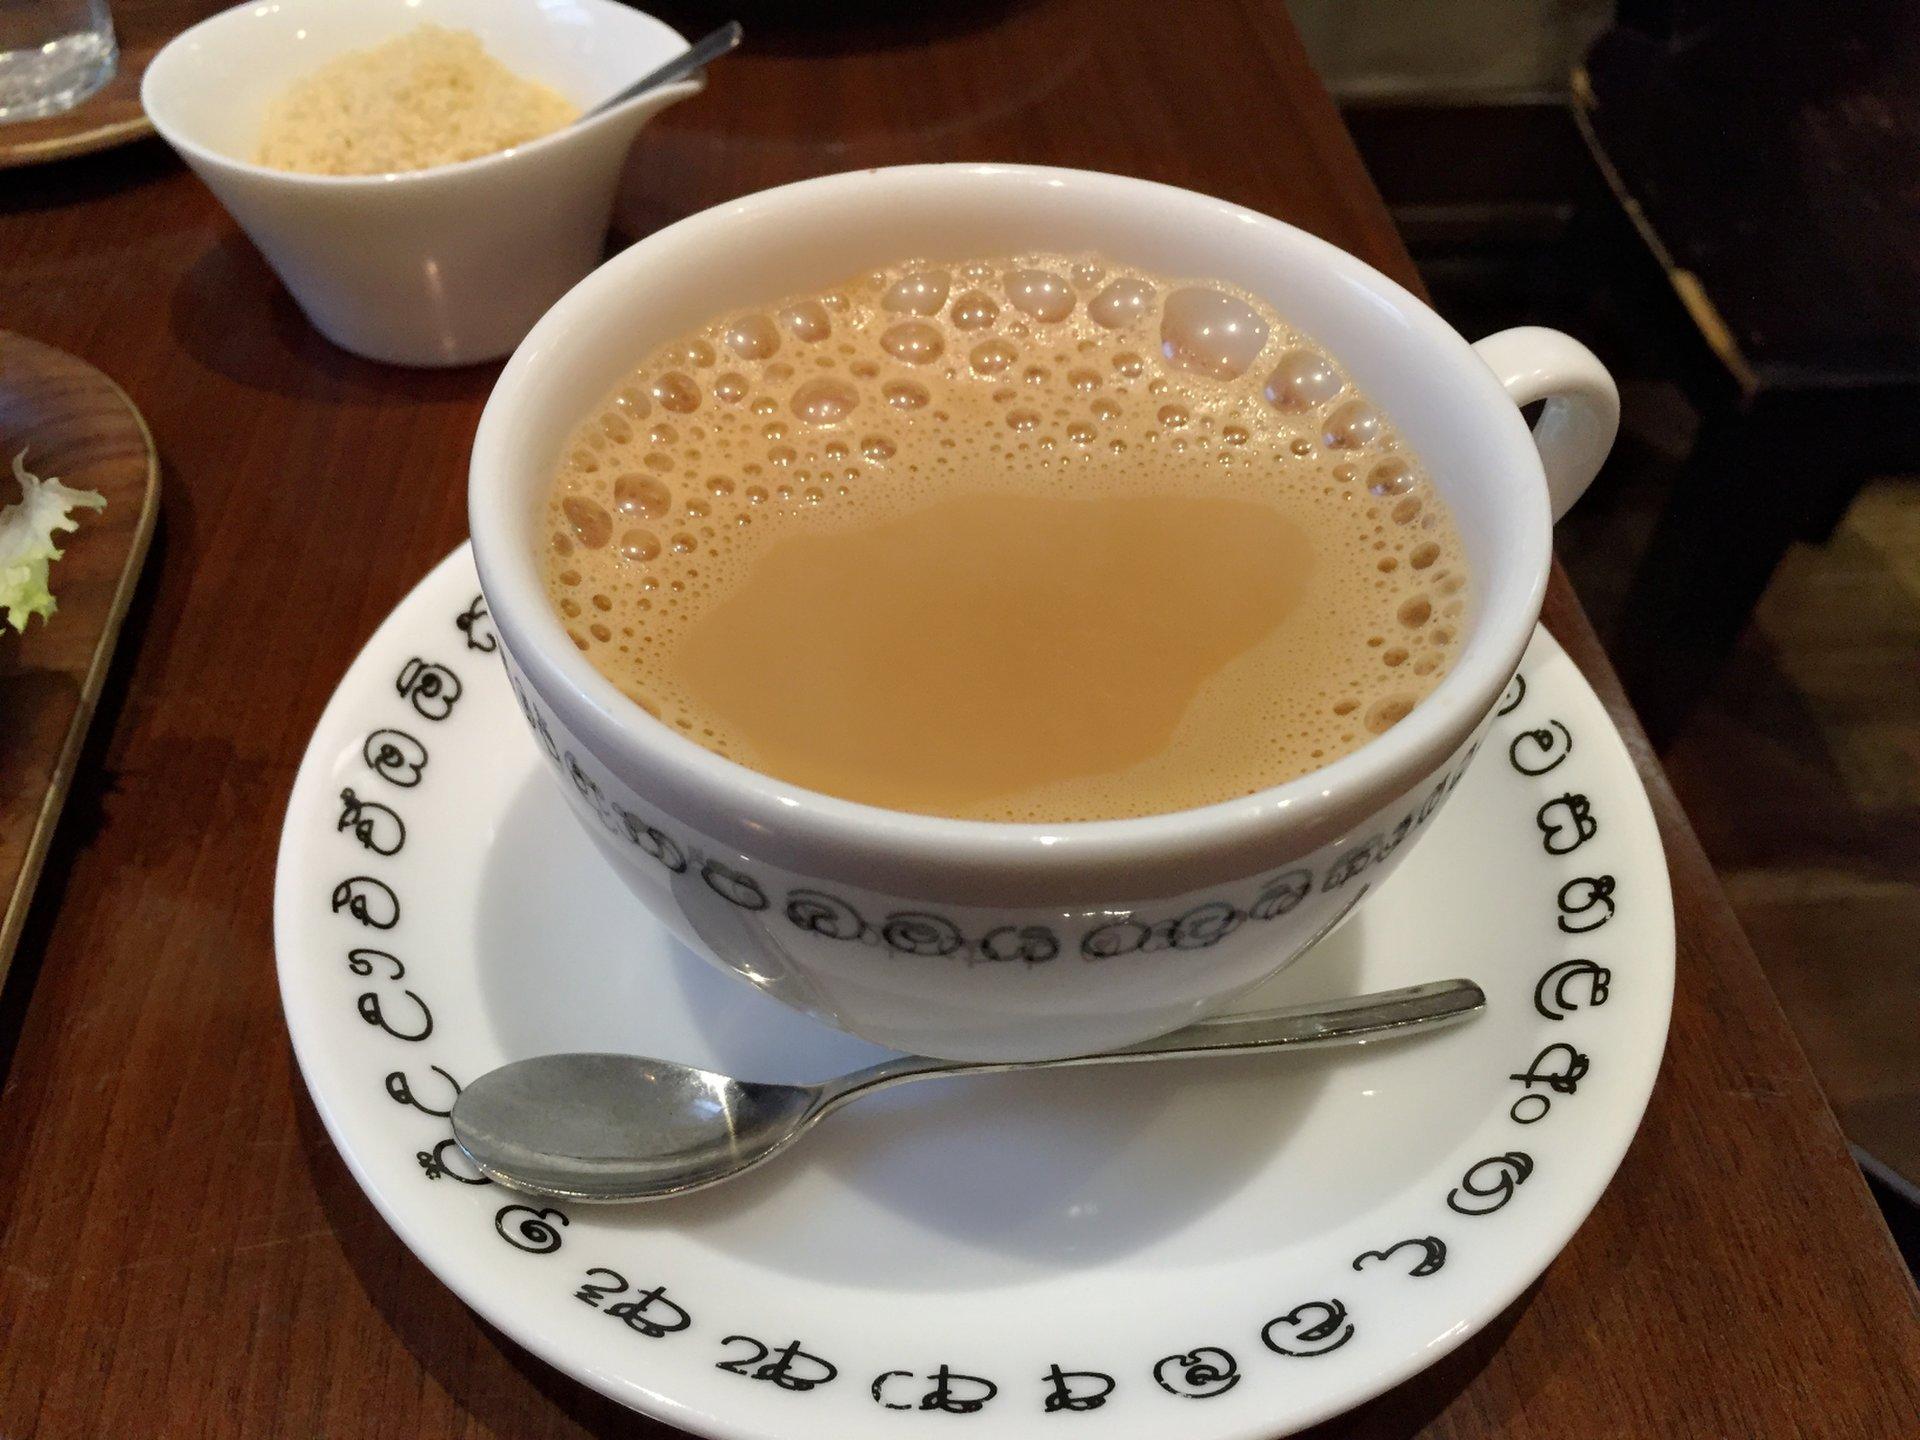 【吉祥寺×モーニング】チャイ飲んで優雅な朝を!健康志向の強い学生におすすめ!